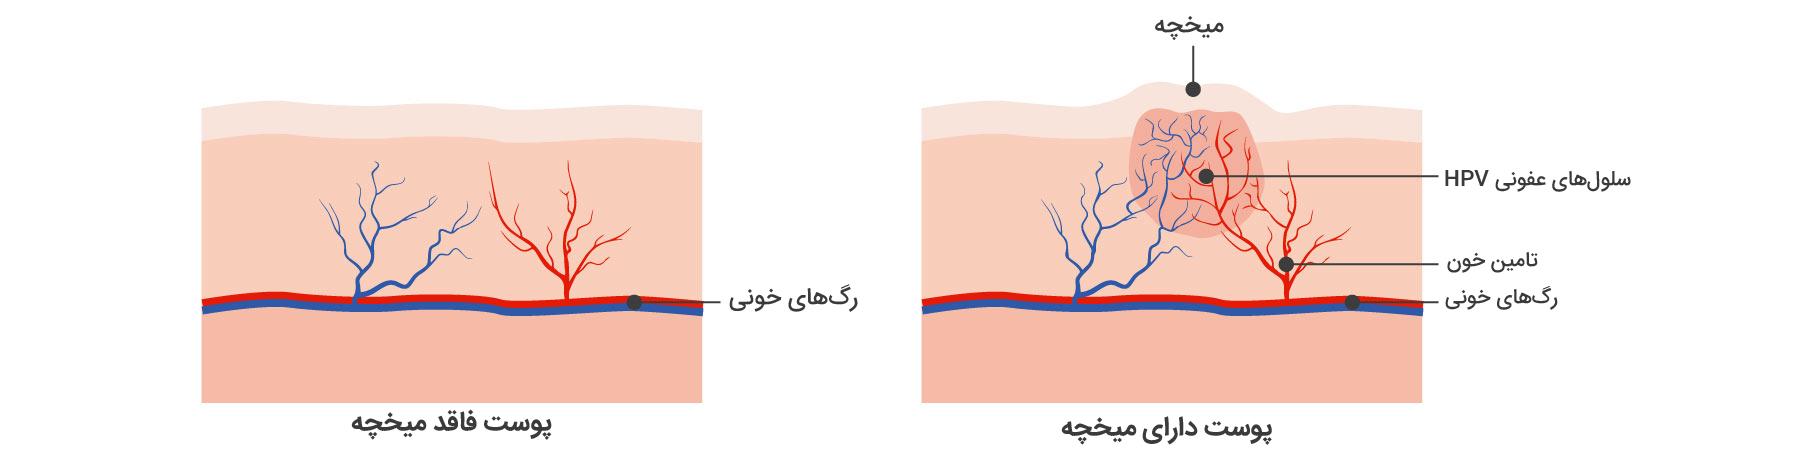 پوست دارای میخچه در کنار پوست فاقد میخچه